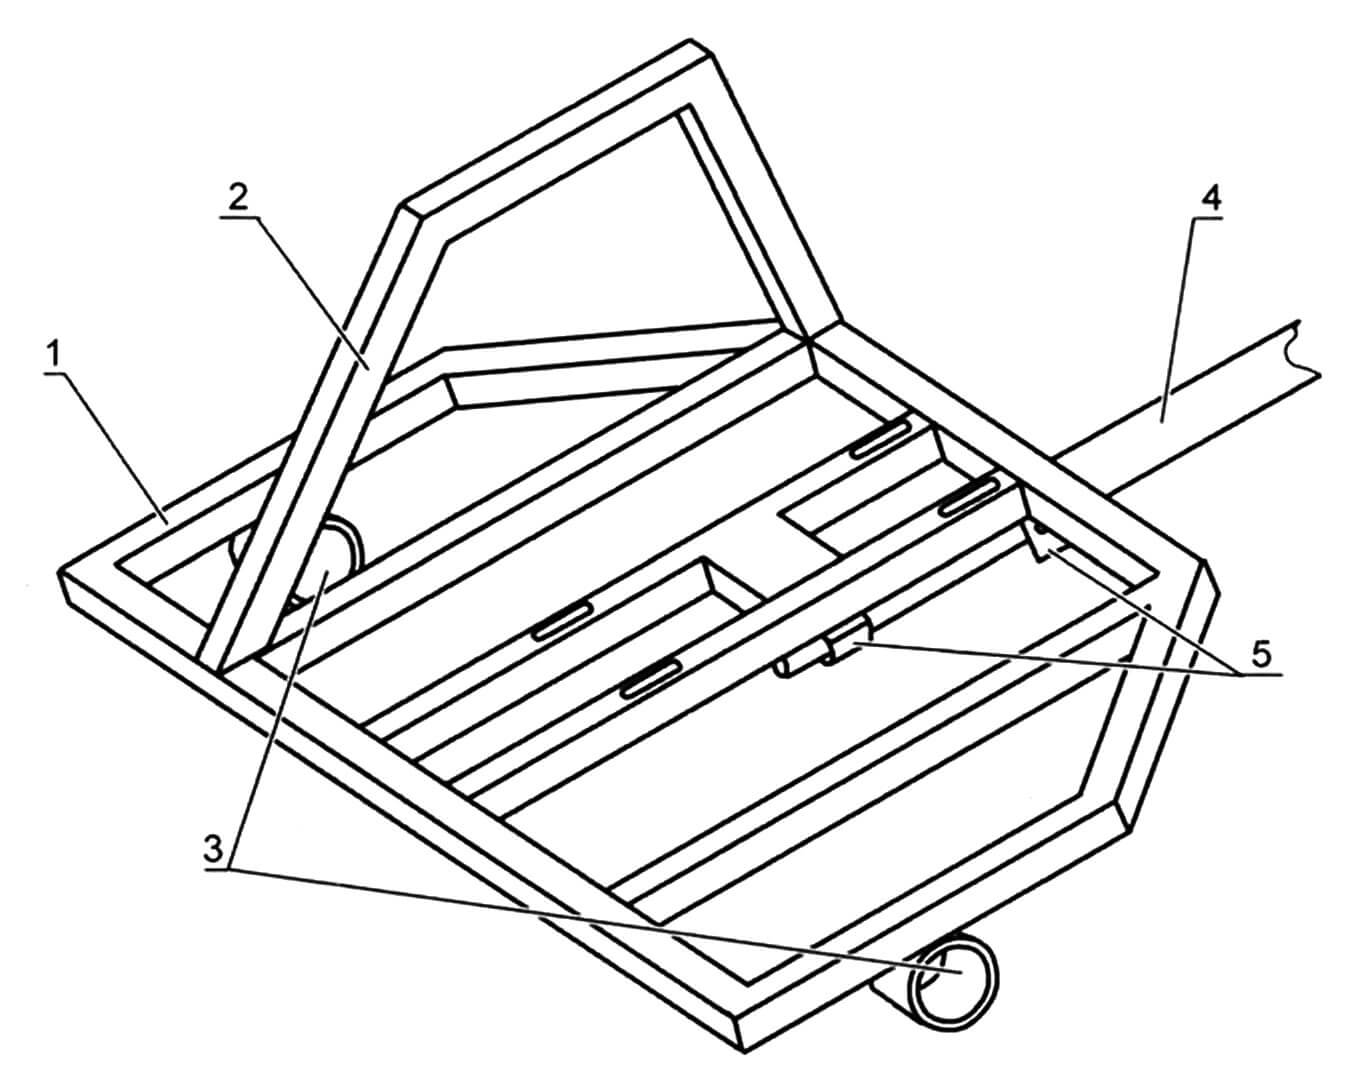 Рама в сборе с дышлом: 1 - основная рамка; 2 защита ноги; 3 - обойма подшипника оси (2 шт); 4 - дышло (труба 27 мм); 5 - крепления дышла